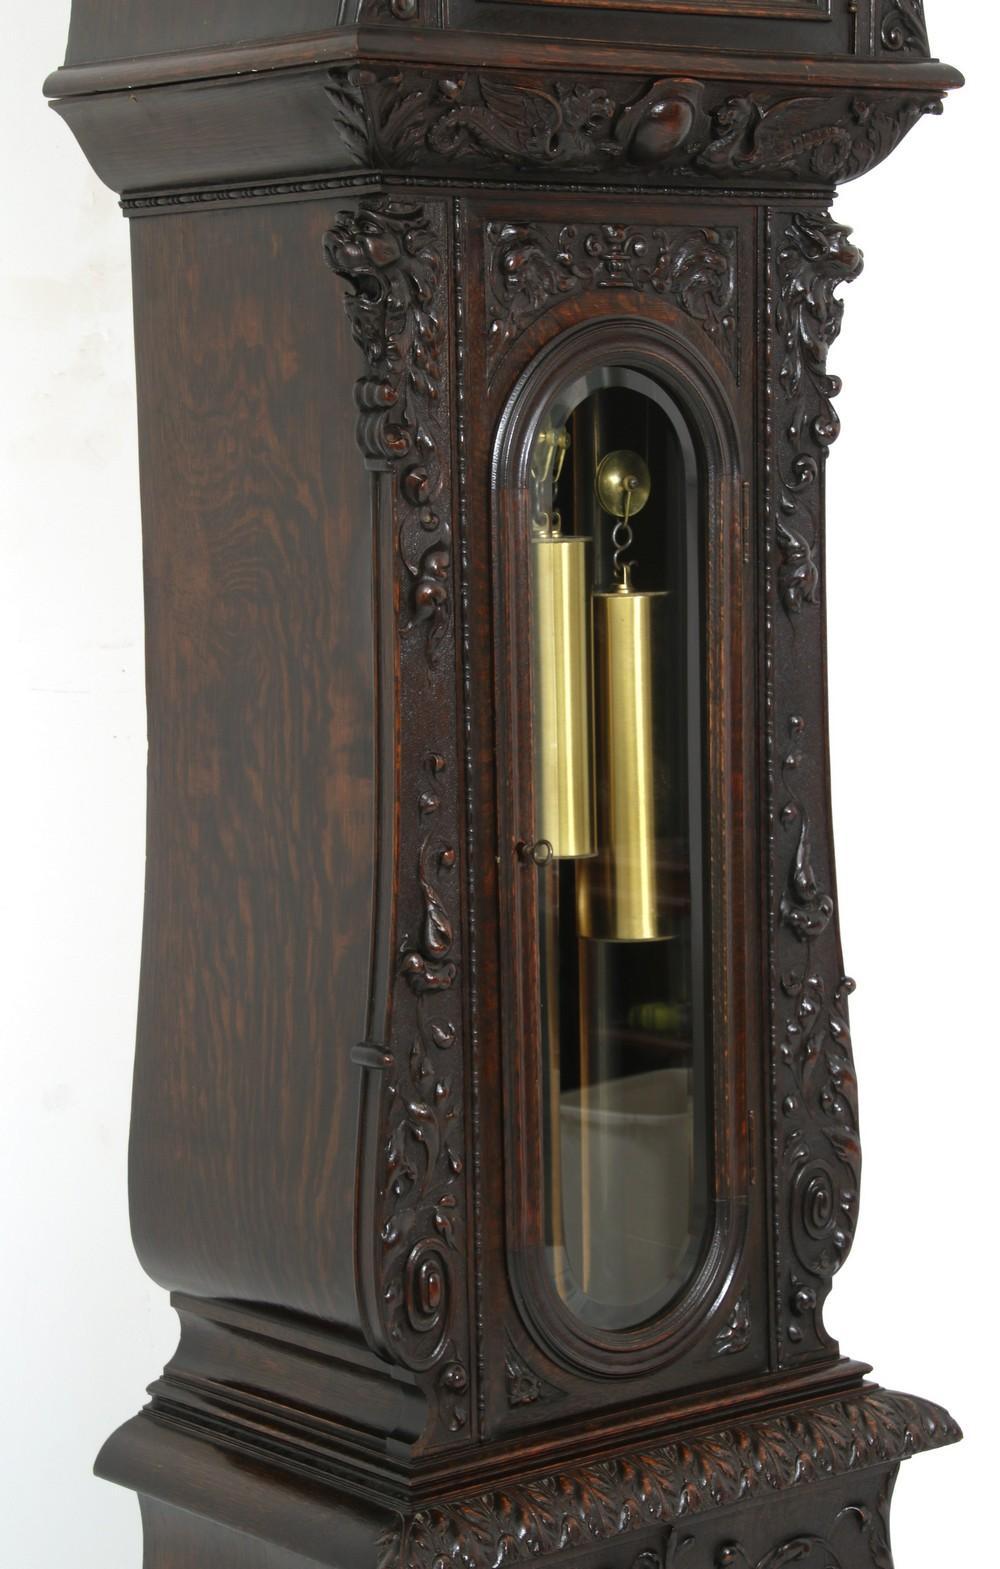 R.J. Horner Carved Oak Grandfather Clock